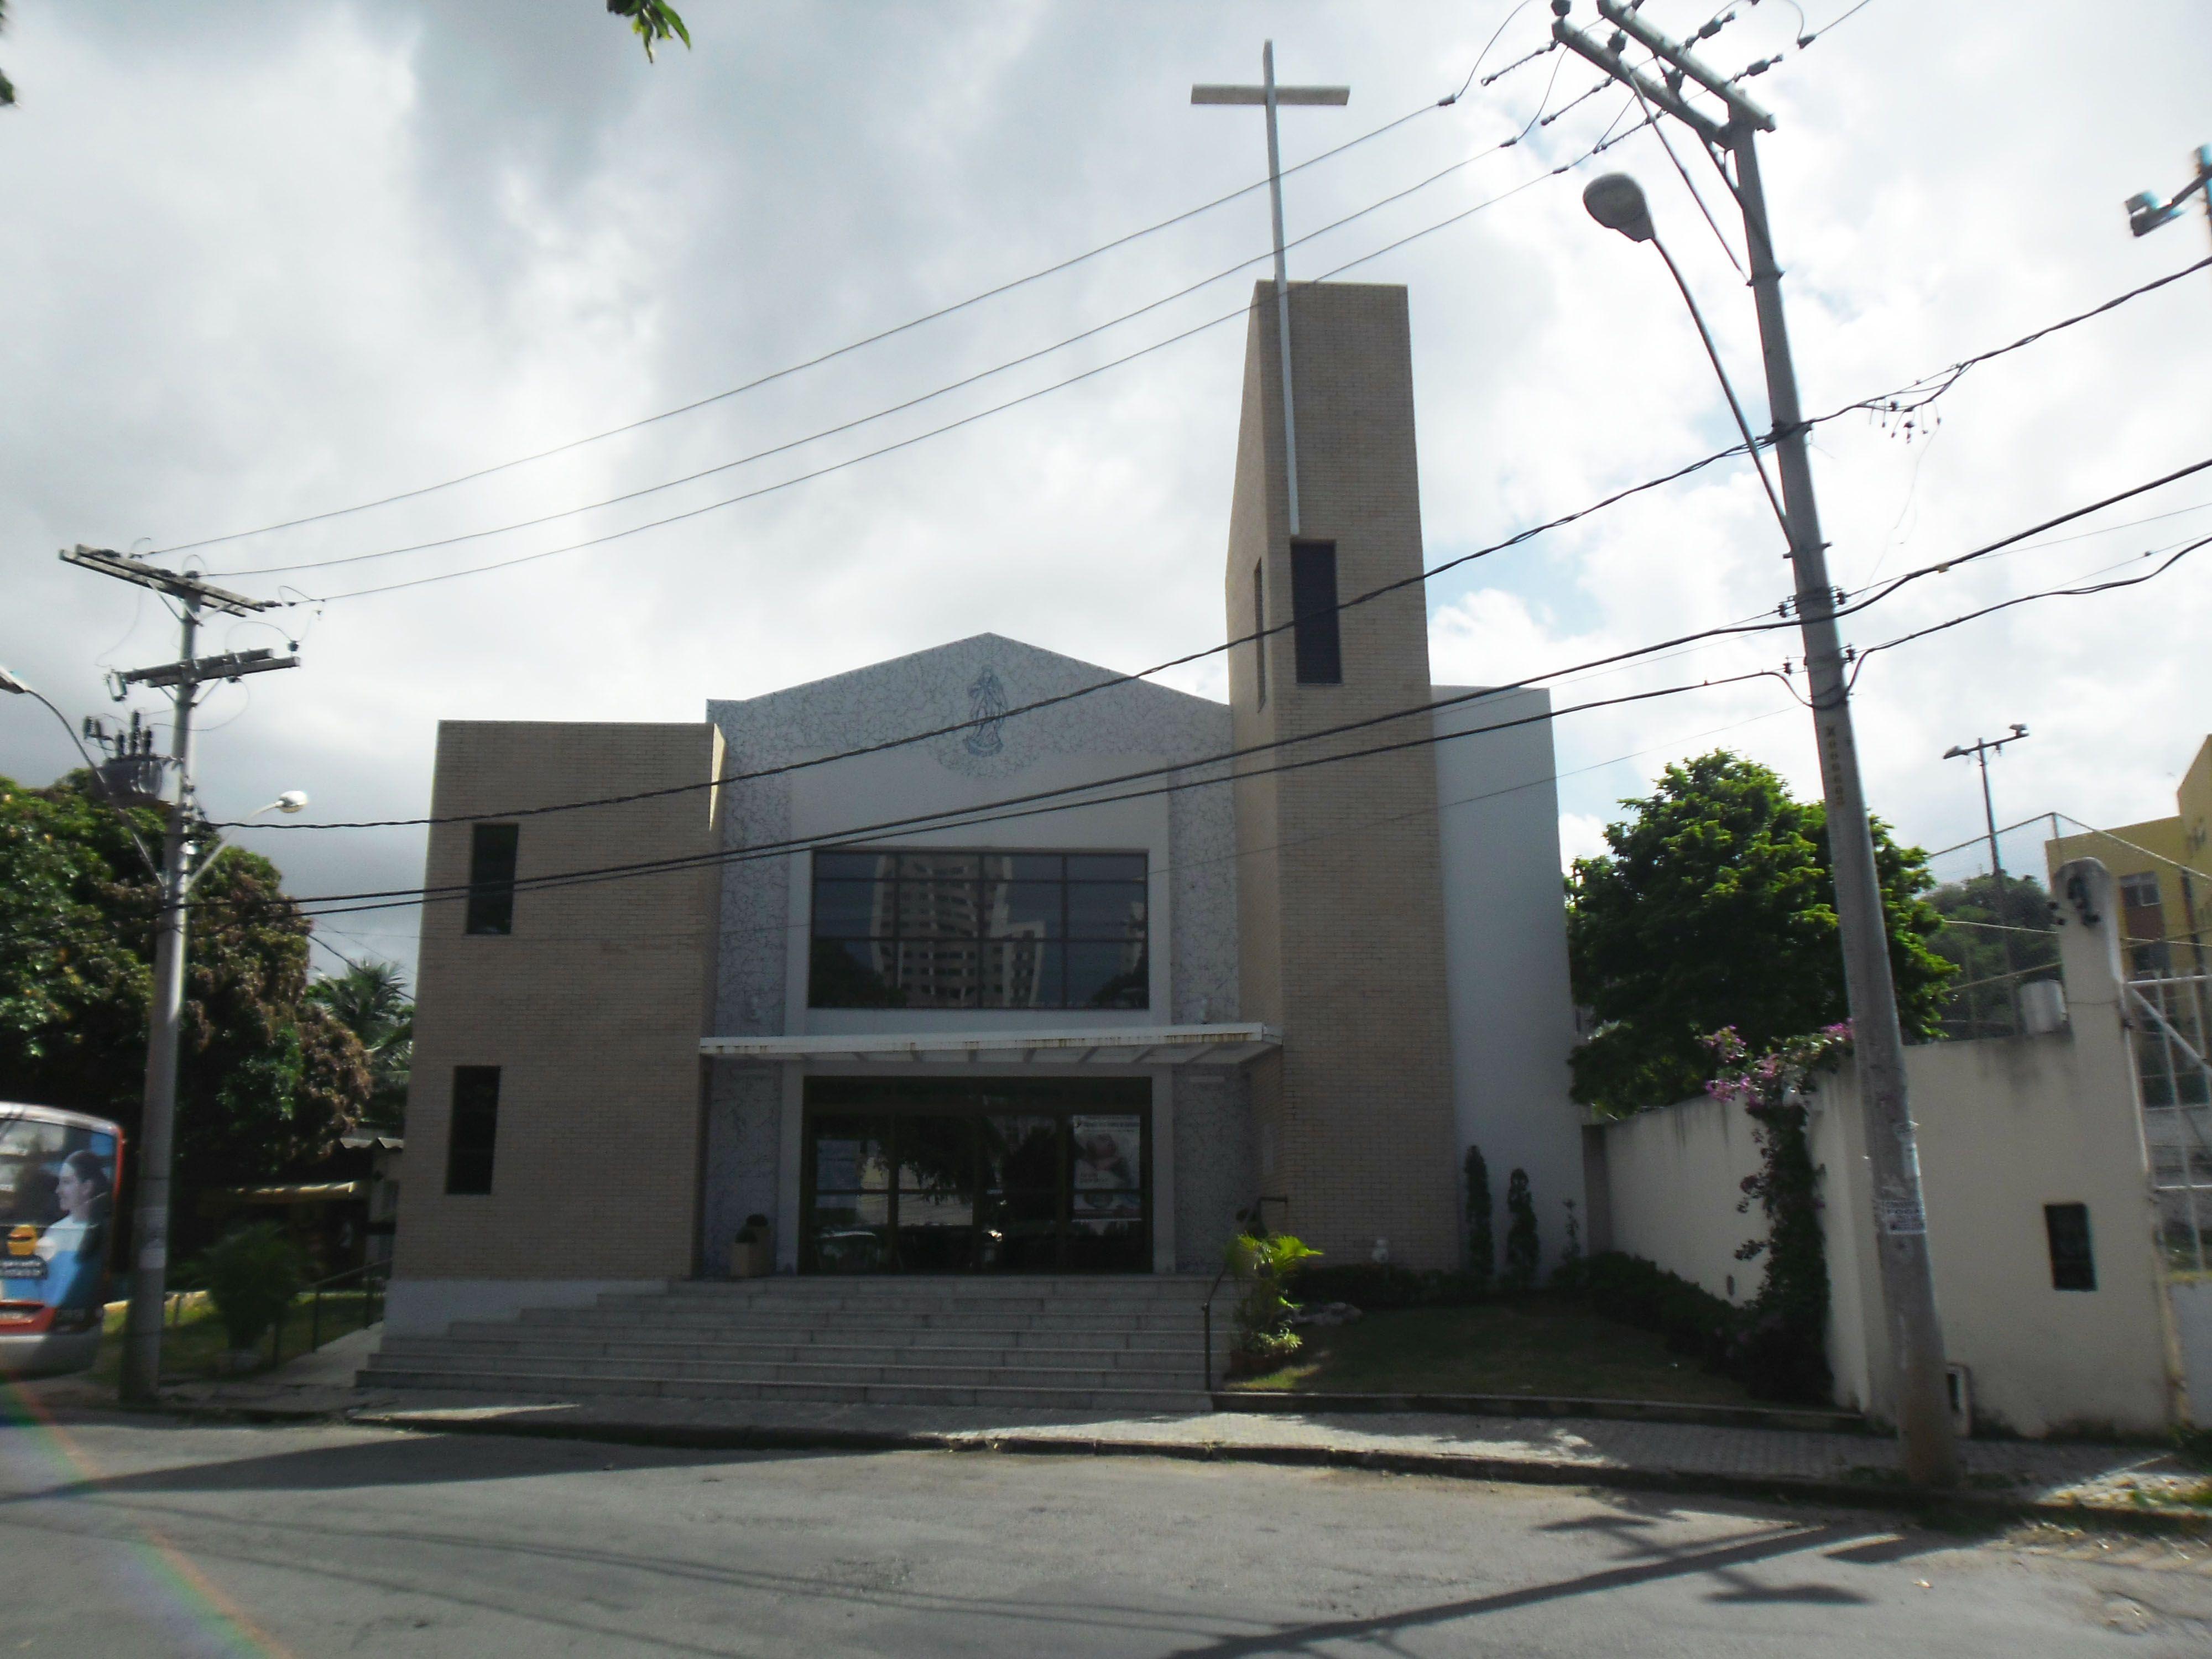 Igreja Imaculada Conceição de Maria_Salvador_Brasil